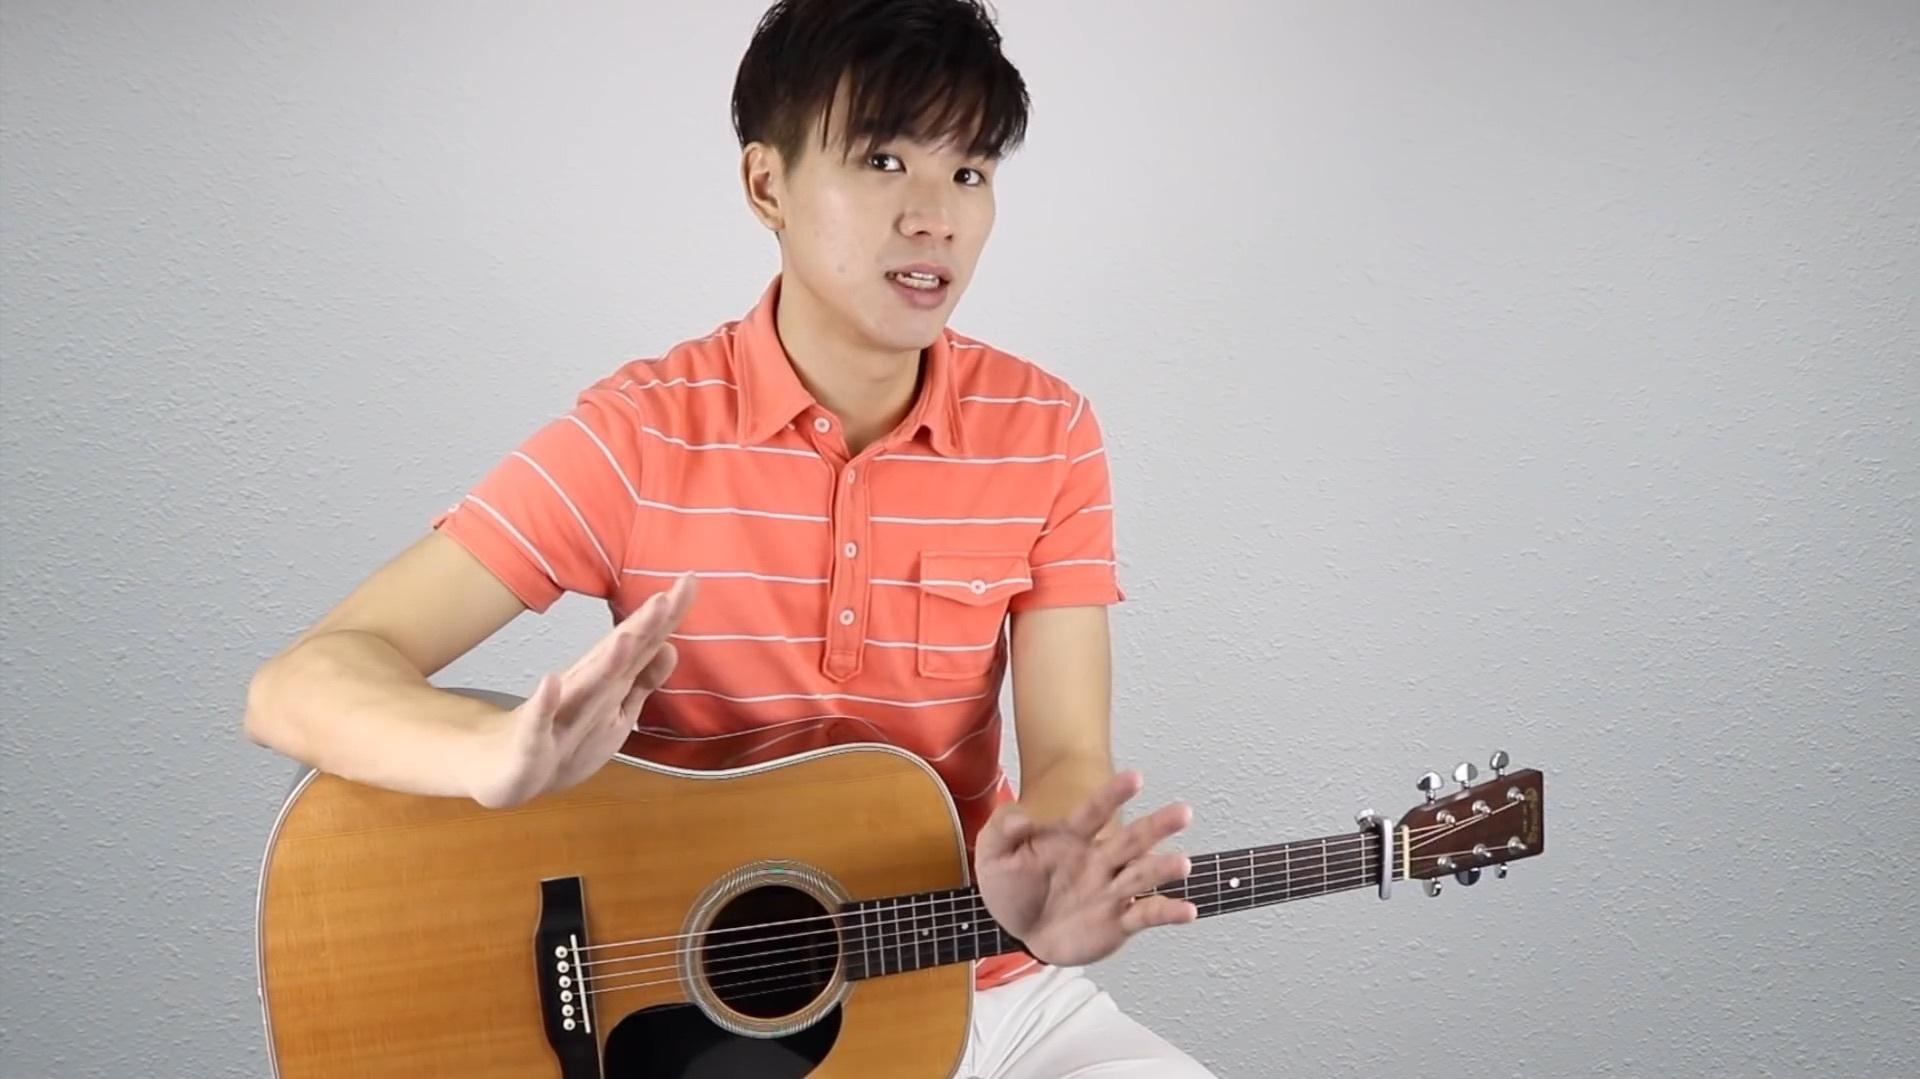 陶喆《普通朋友》吉他弹唱教学 - 黄建德